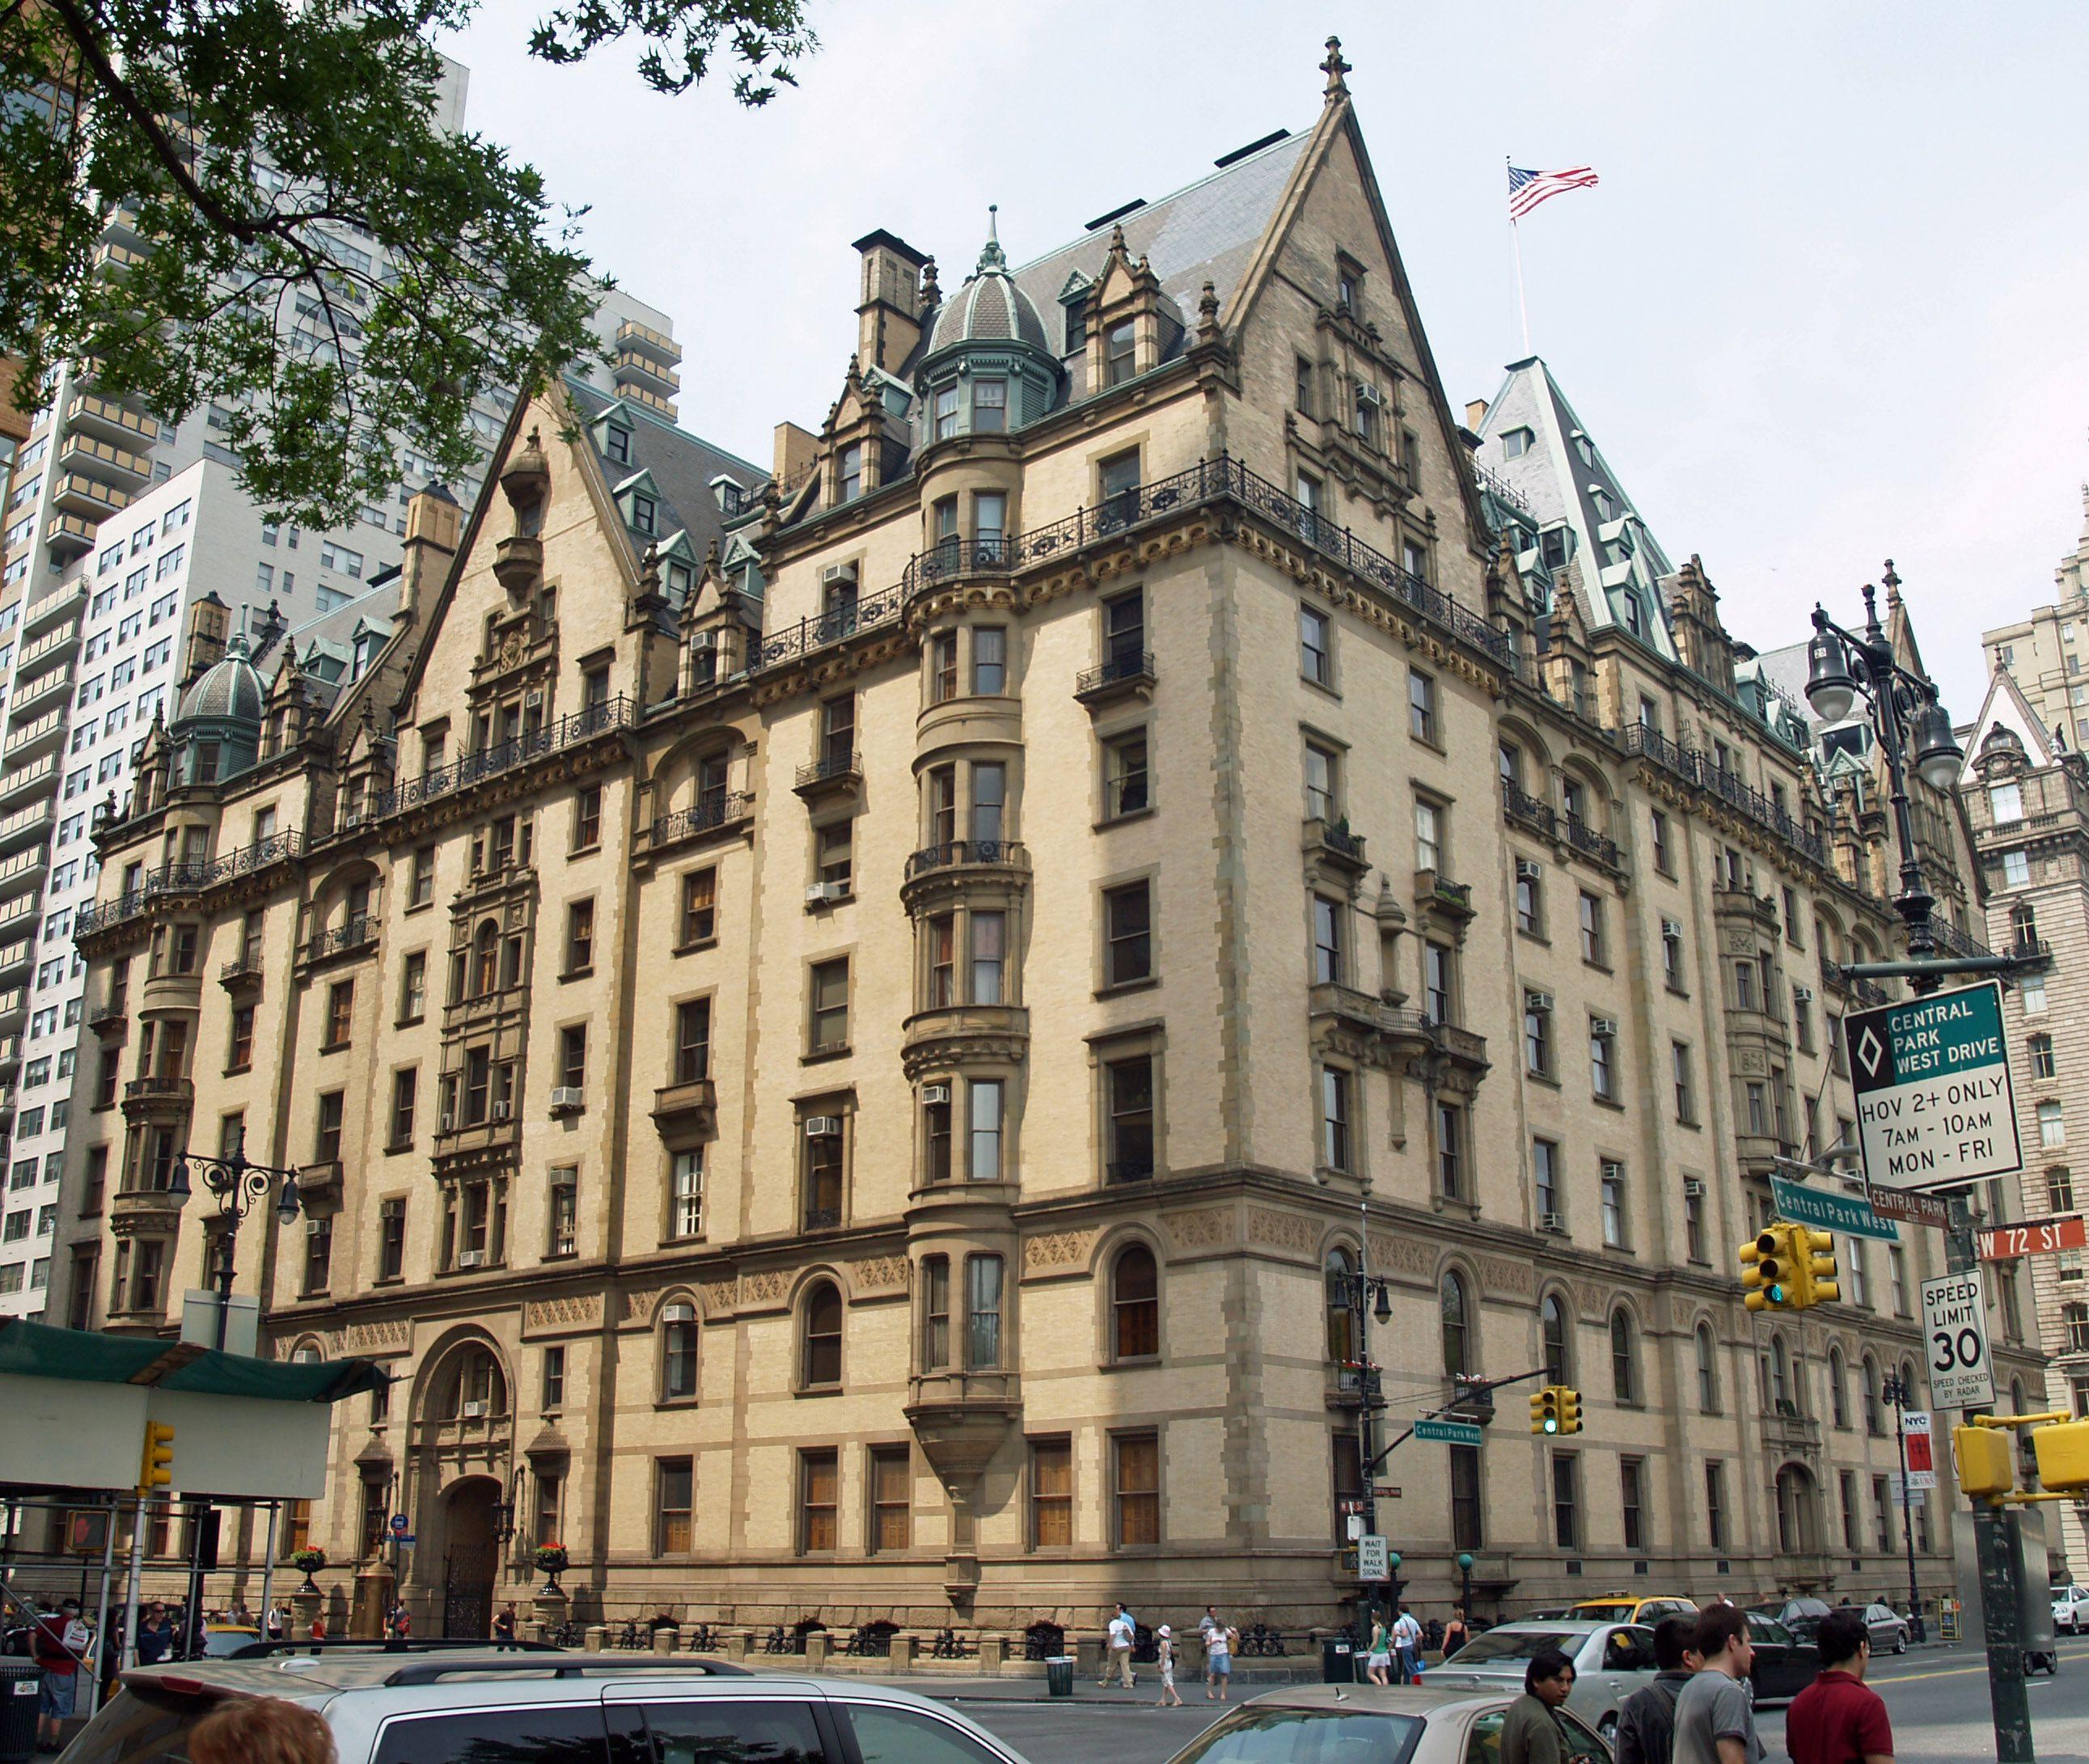 The Dakota John Lennon S New York City Apartment Building From